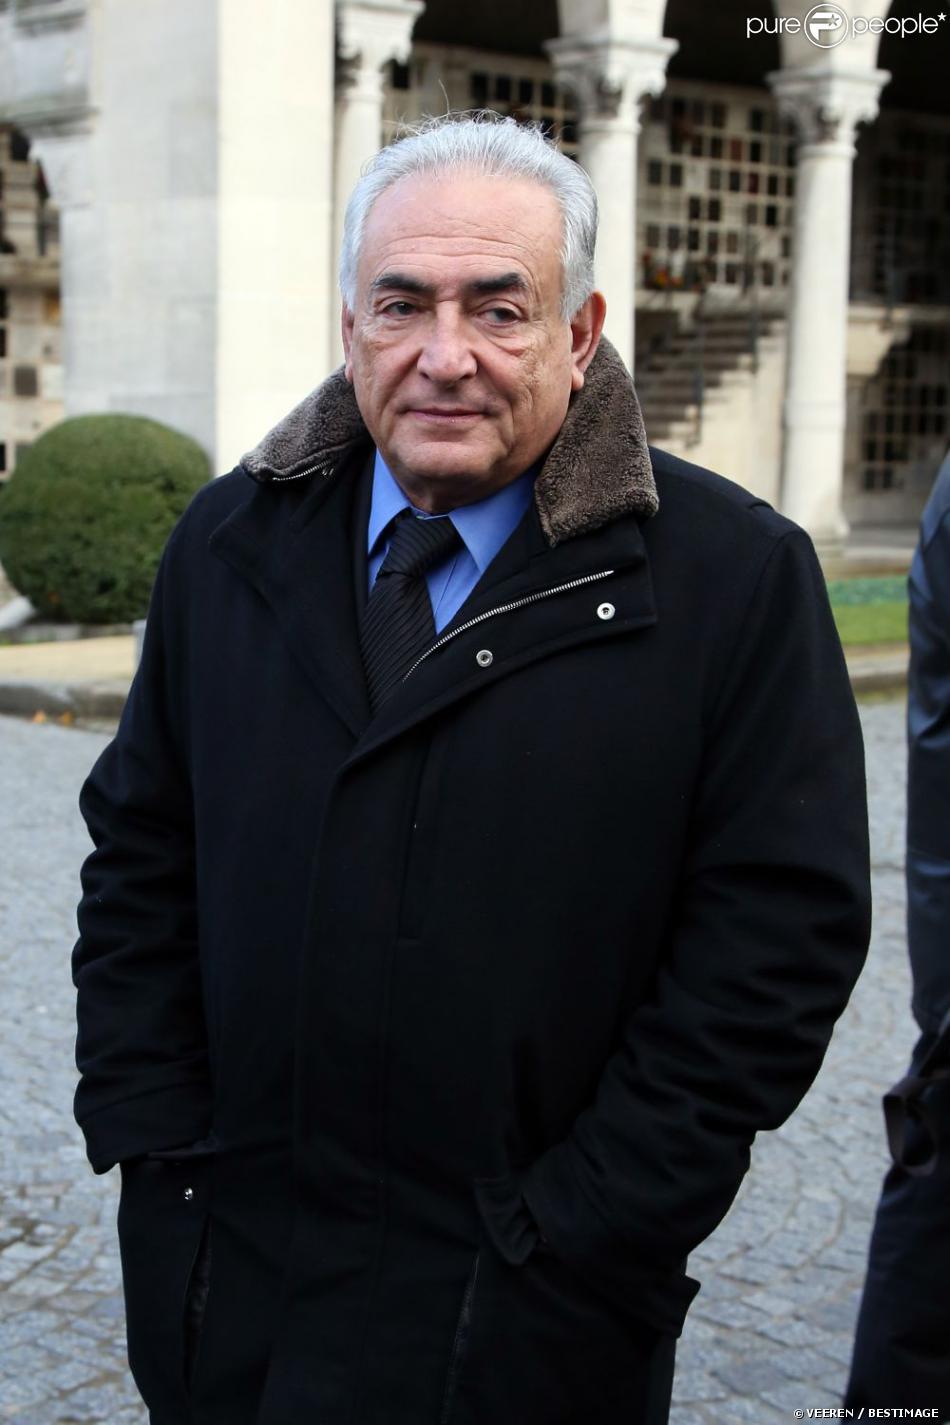 Dominique Strauss Kahn assiste aux obsèques de Erik Izraelewicz, ancien directeur du journal Le Monde, au Père Lachaise à Paris, le 4 décembre 2012.